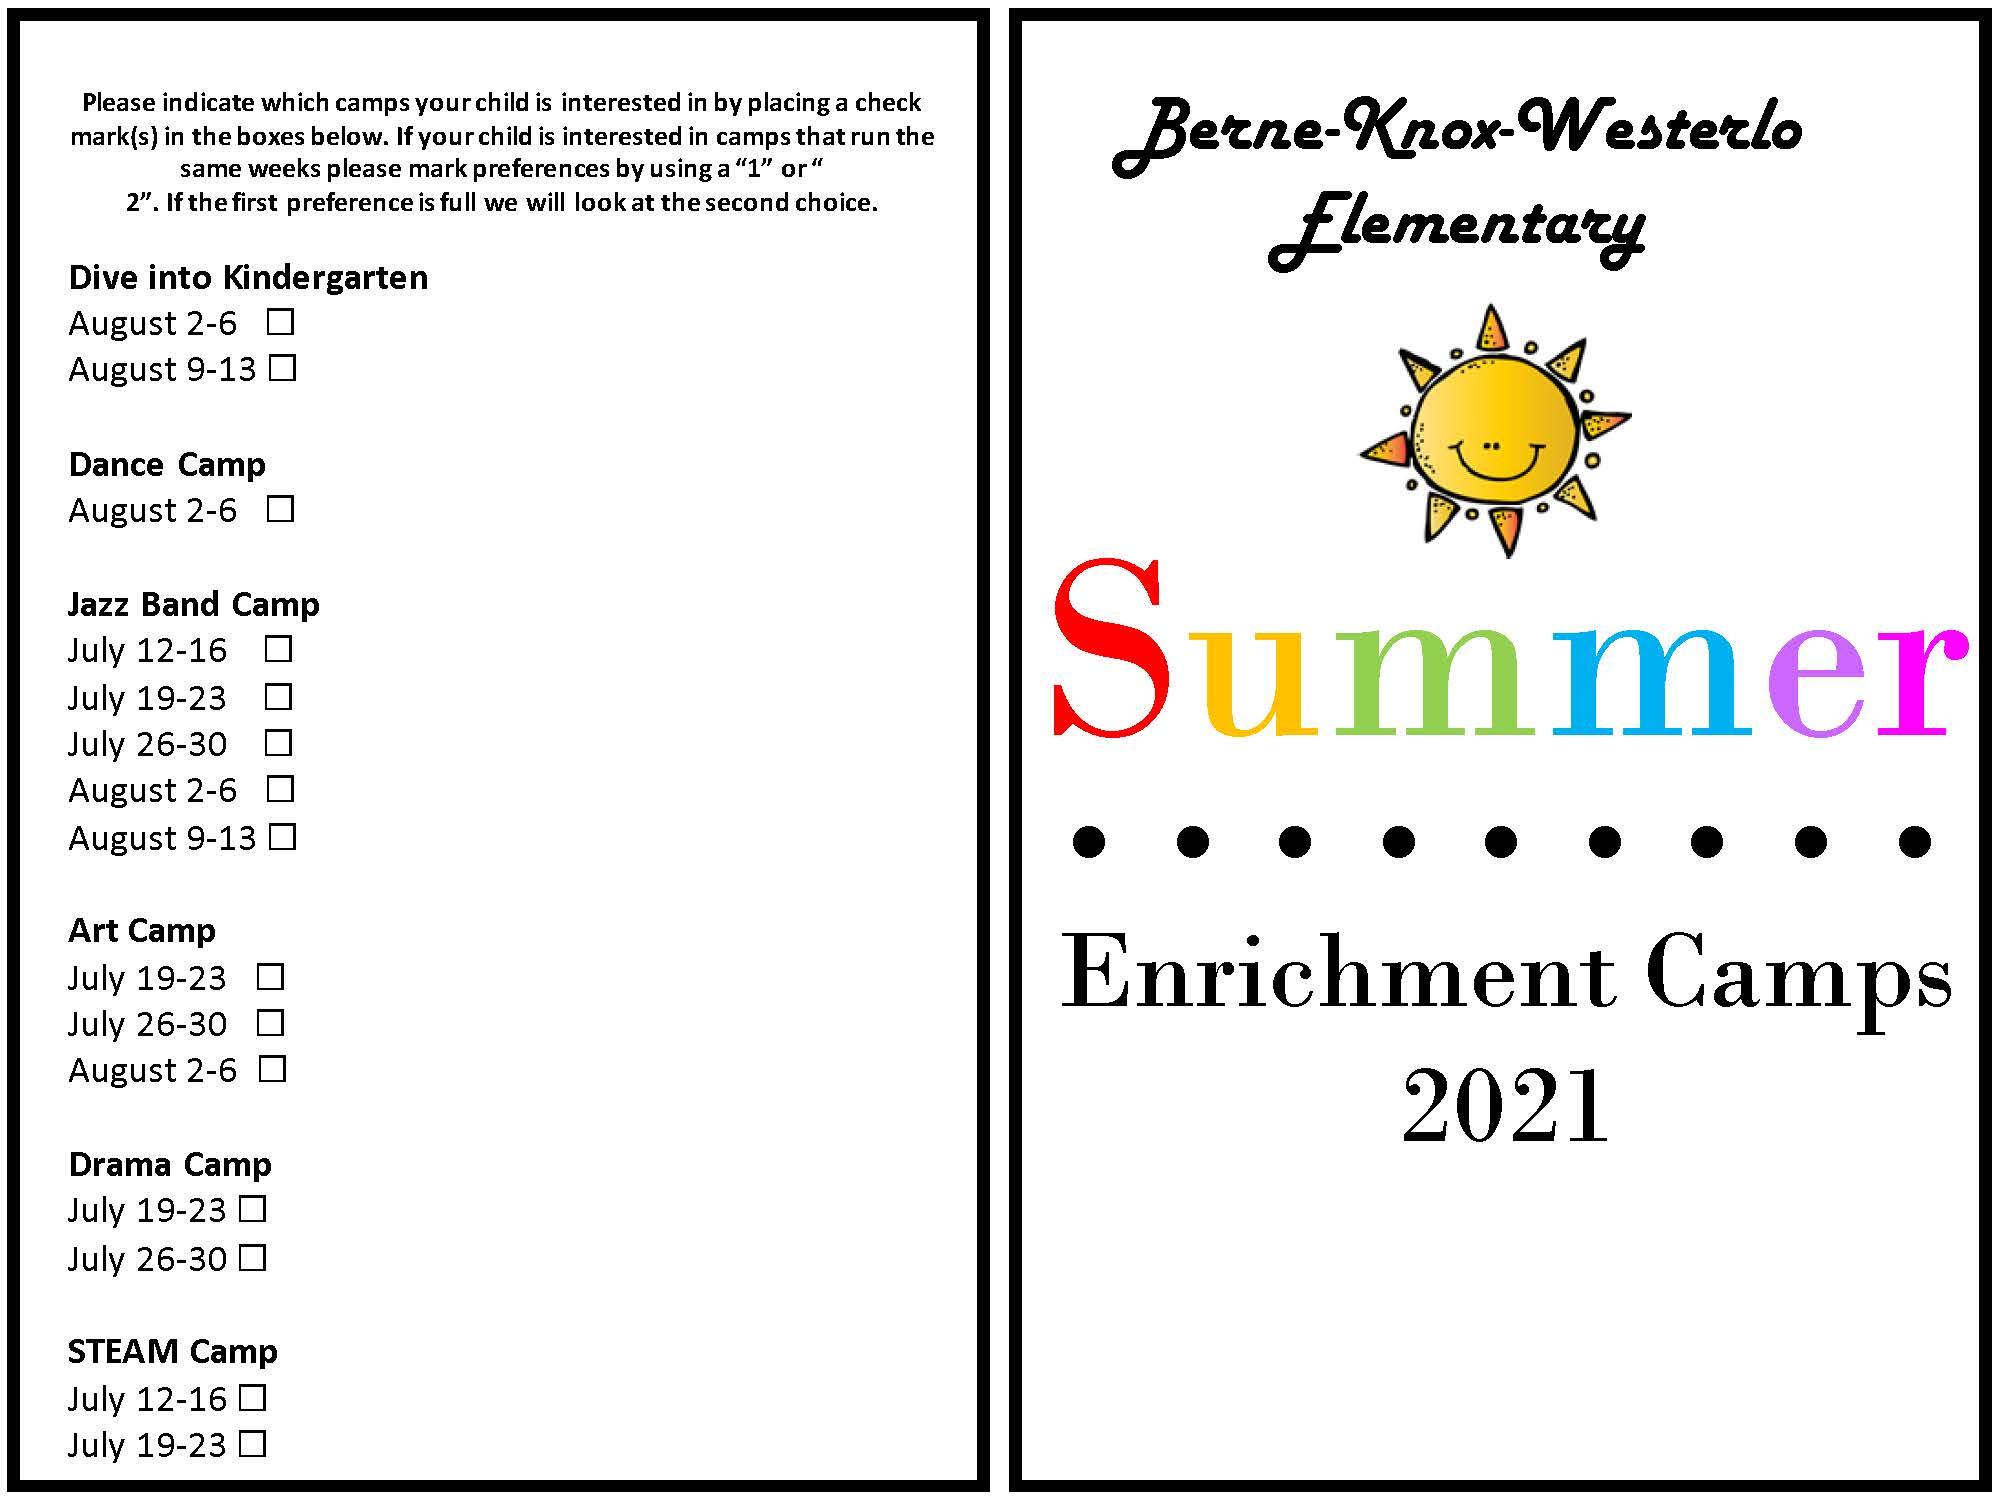 Enrichment Camps Summer 2021_Page_1